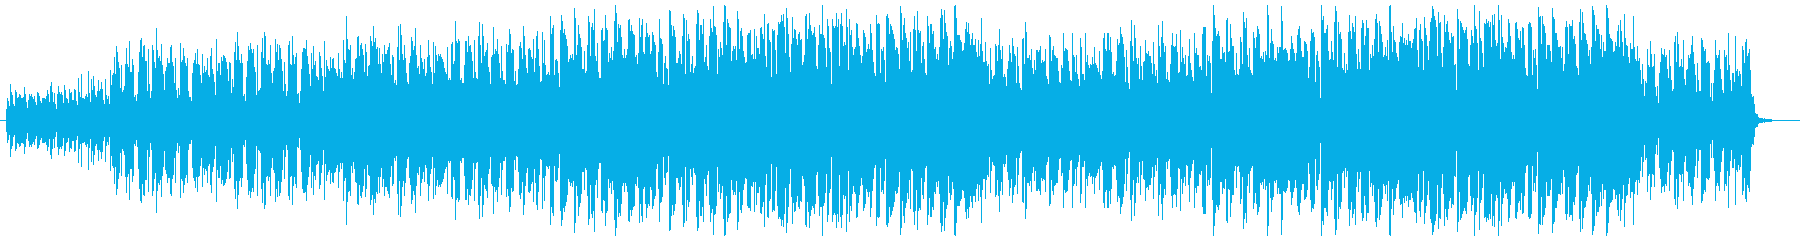 夏爽やかなアコギ・トロピカルサウンドの再生済みの波形